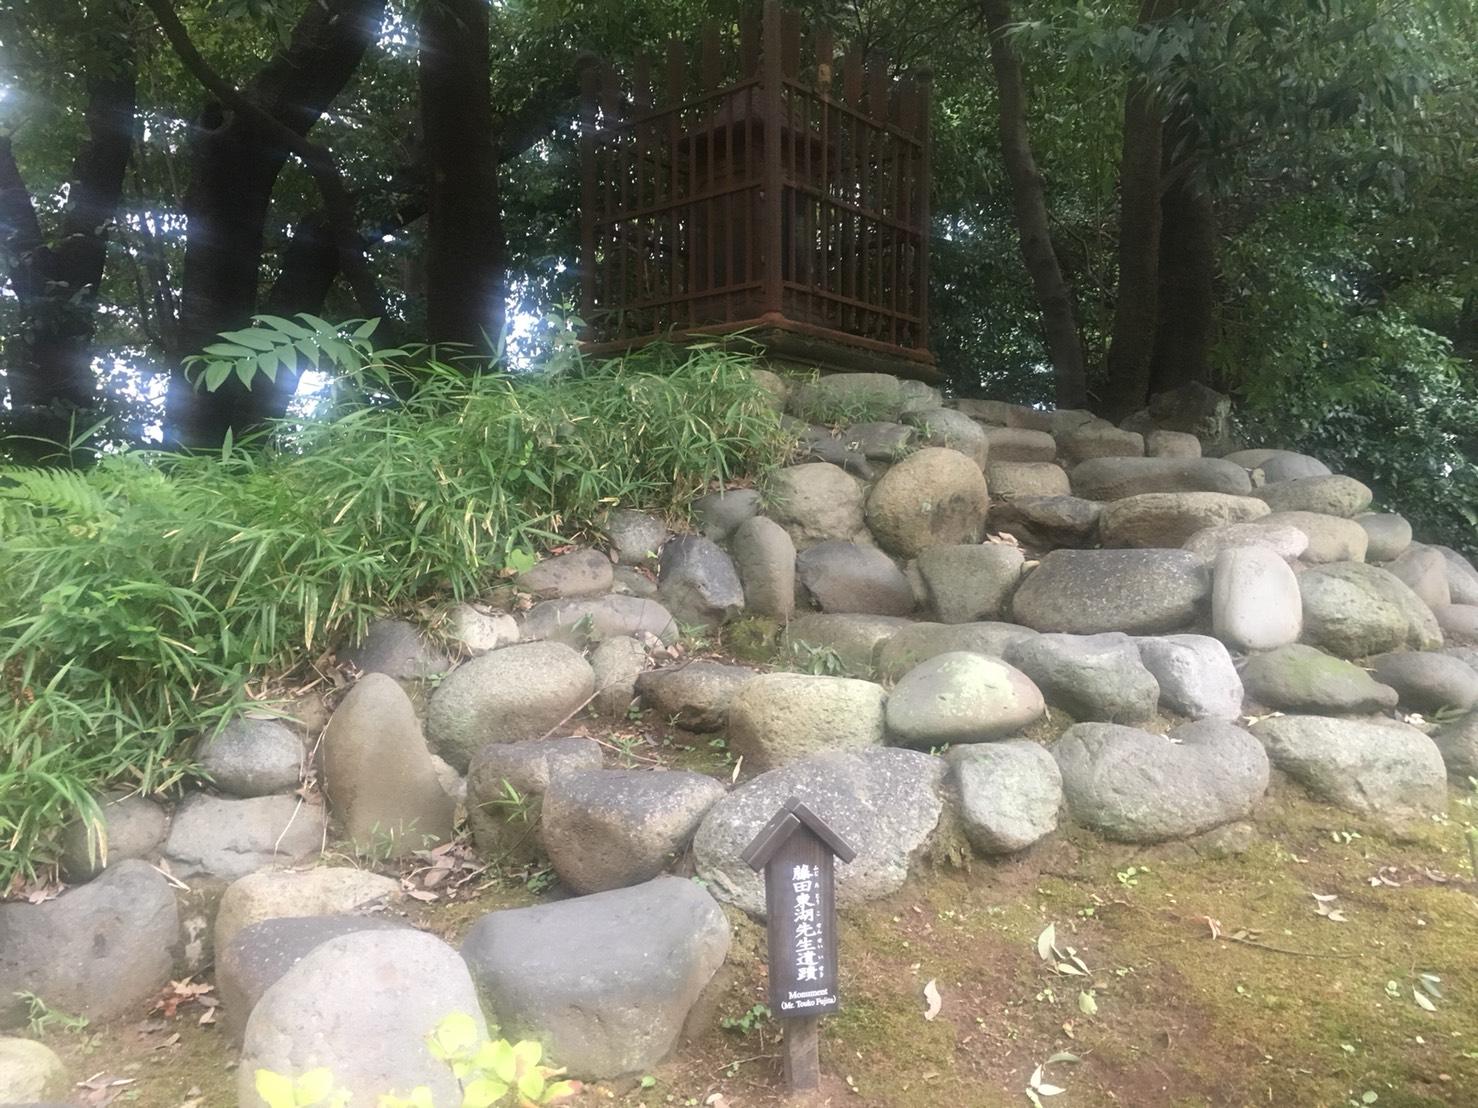 【飯田橋駅】江戸時代の中国趣味豊かな景観で一句「小石川後楽園」の庭園11